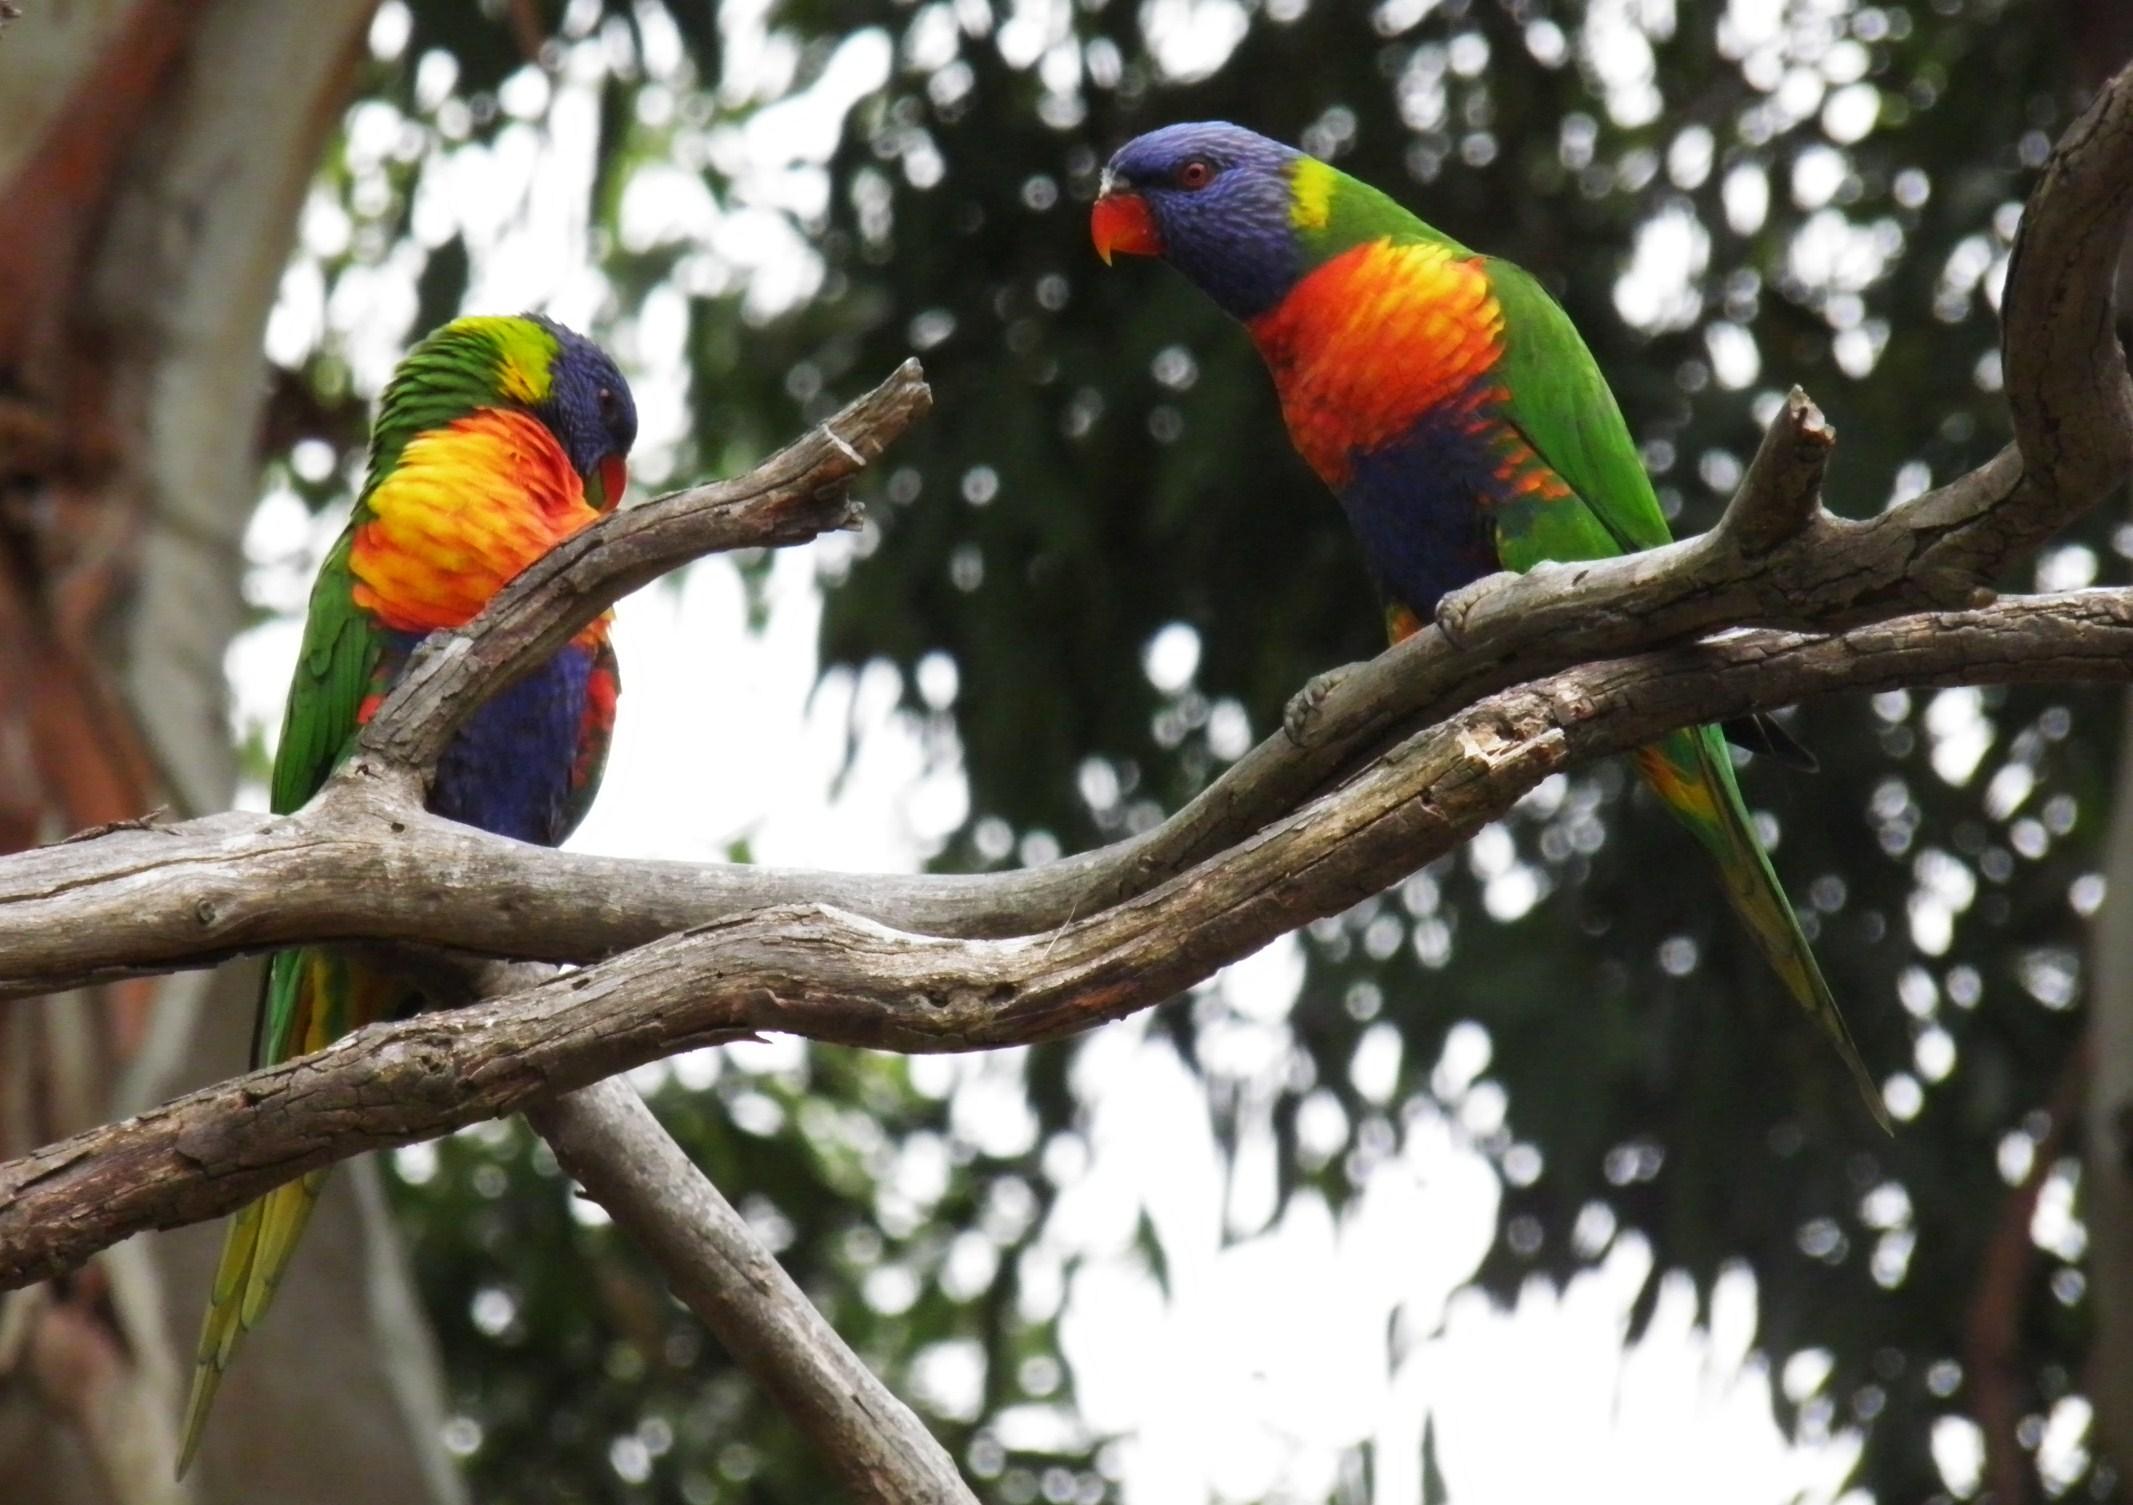 鹦鹉嘴的是什么动物